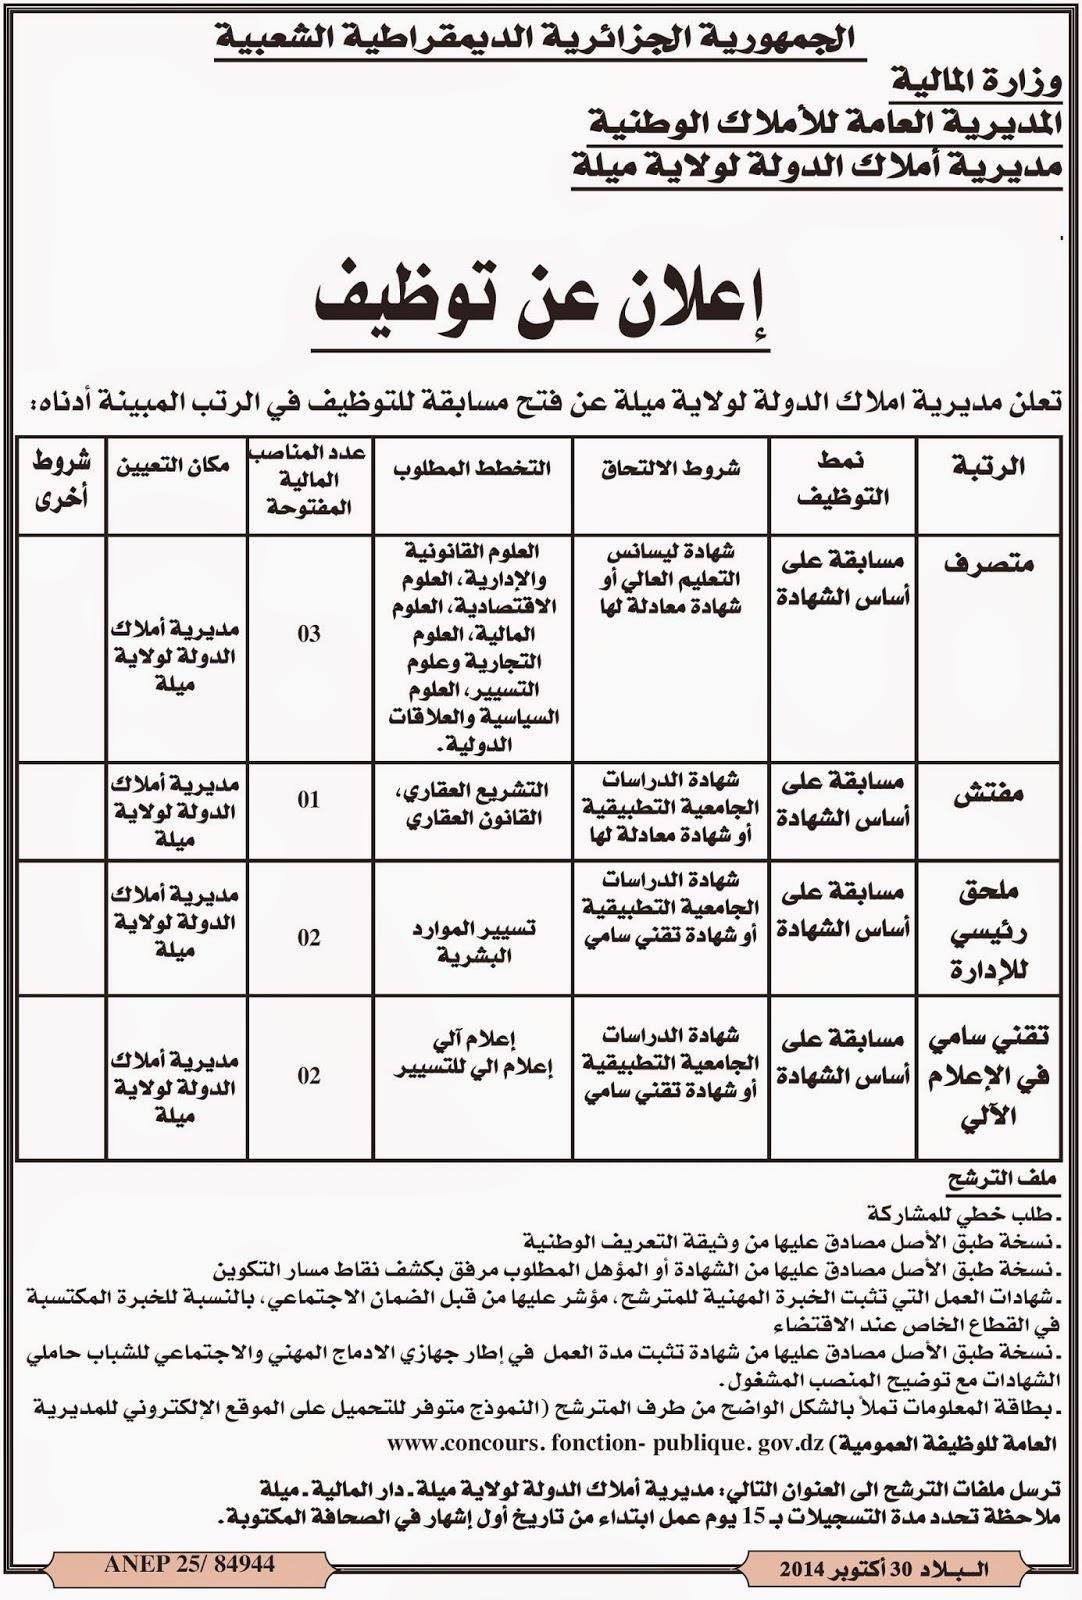 مسابقات توظيف في مديرية أملاك الدولة لولاية ميلة أكتوبر 2014